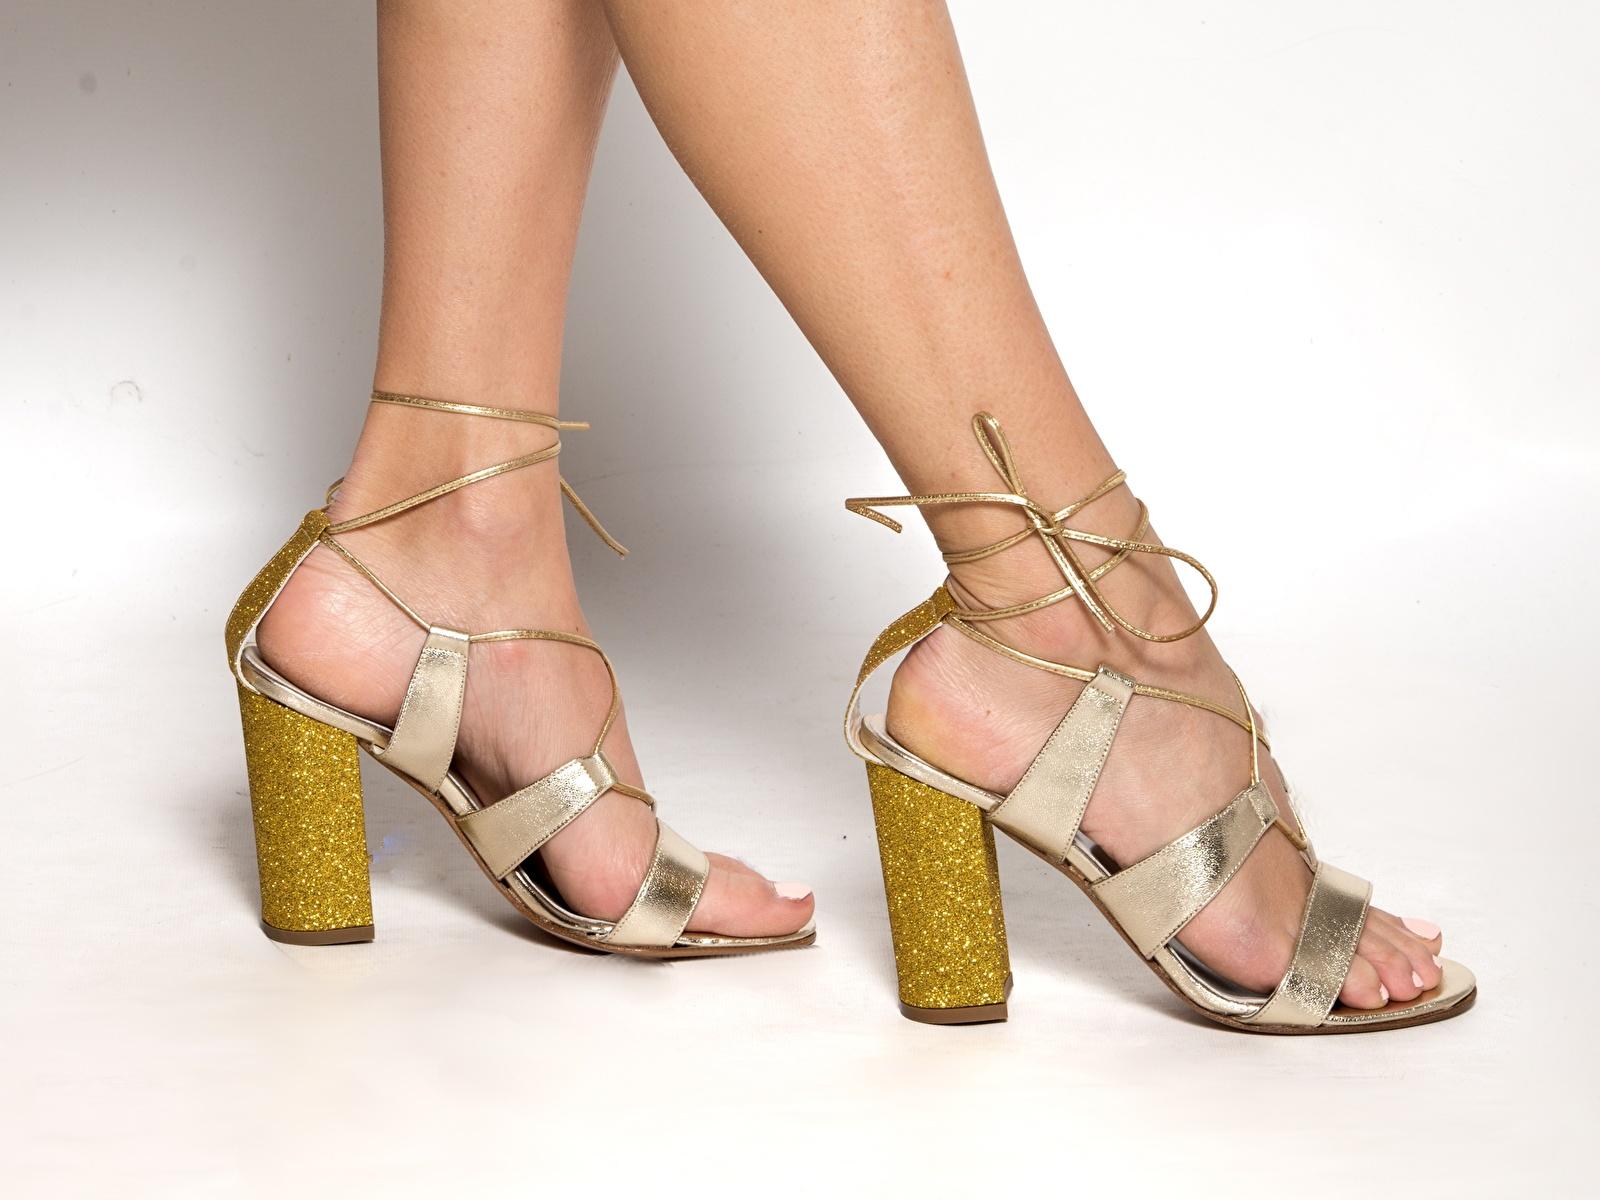 Fotos Mädchens Bein hautnah Stöckelschuh 1600x1200 junge frau junge Frauen Nahaufnahme Großansicht High Heels